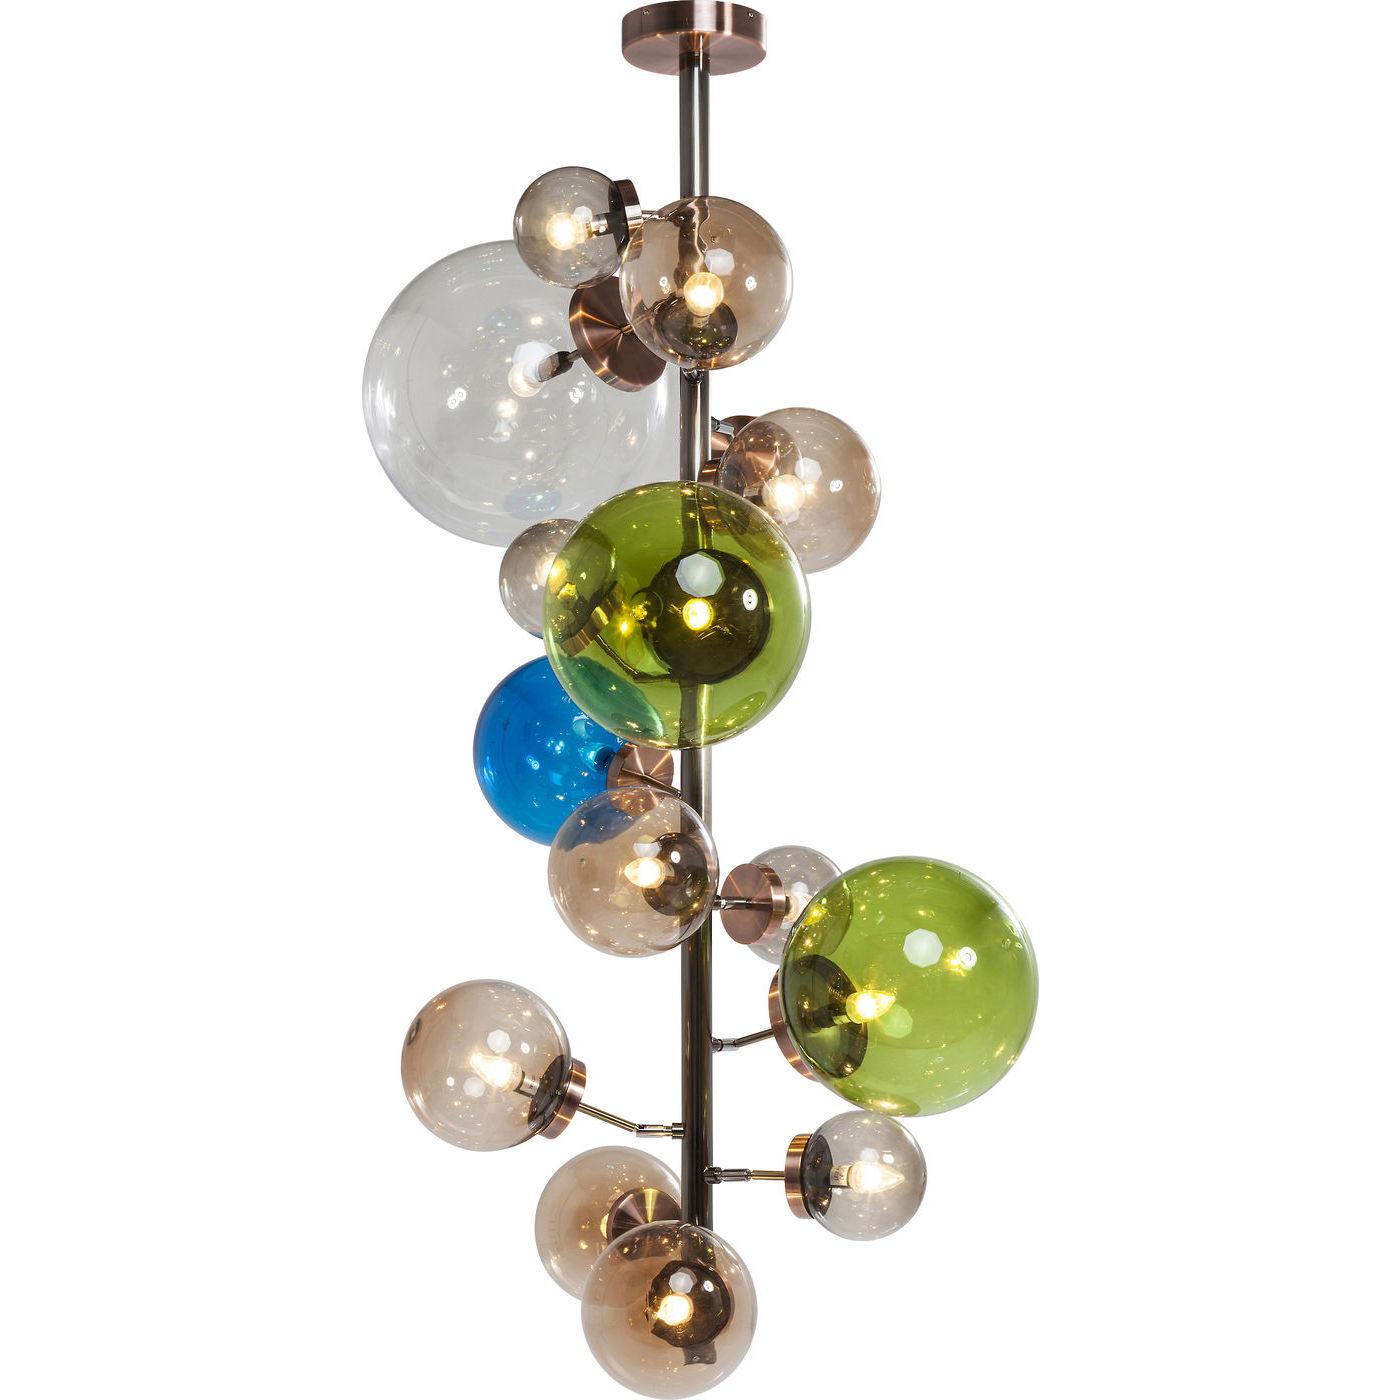 Billede af Kare Design Loftslampe, Balloon Colore